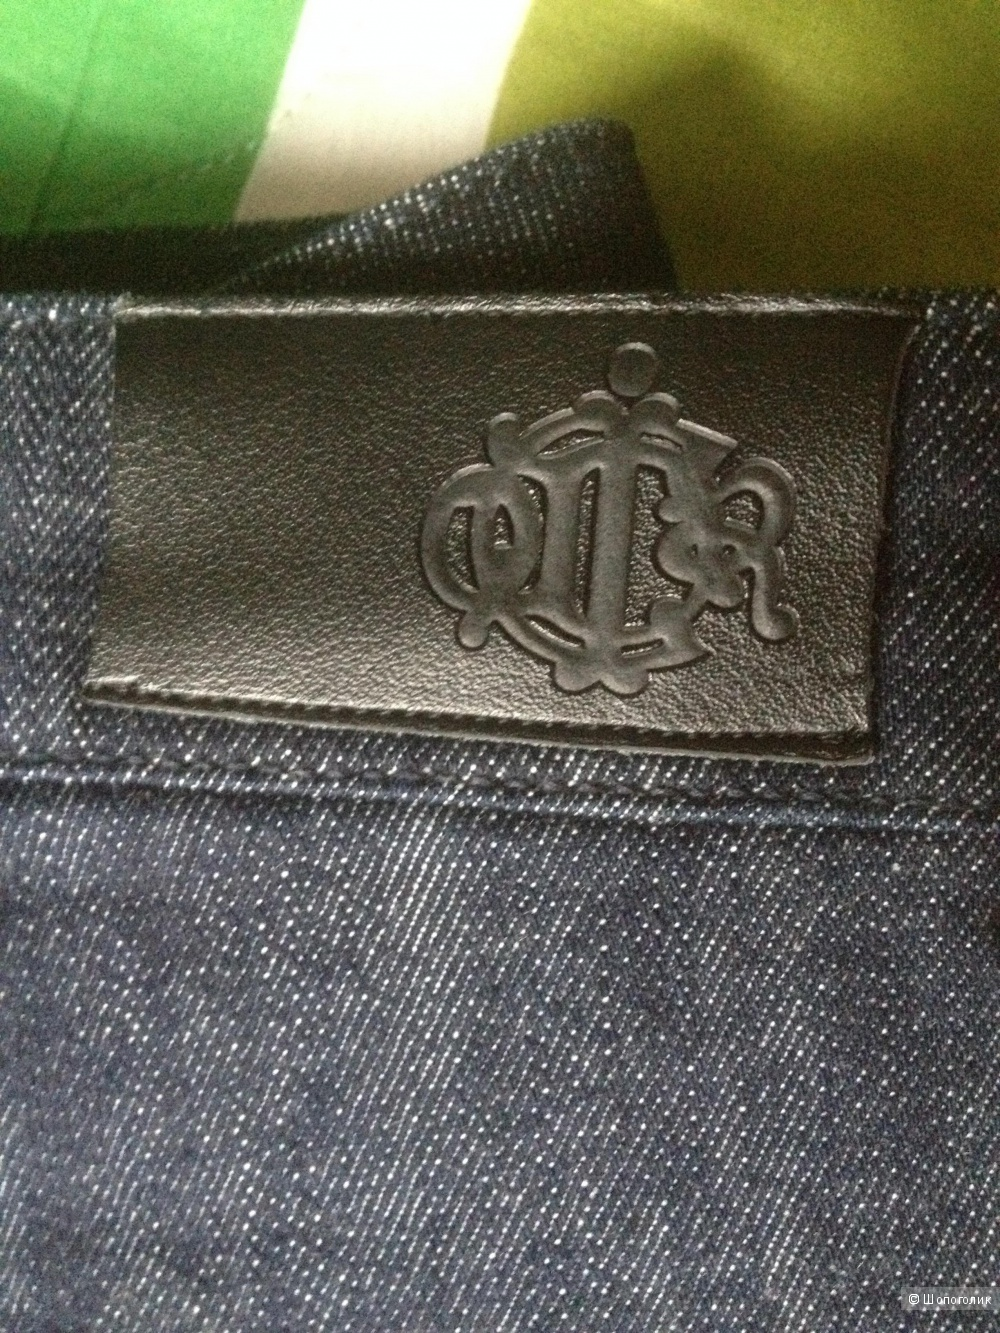 Джинсы Christian Dior, оригинал, 42 размер